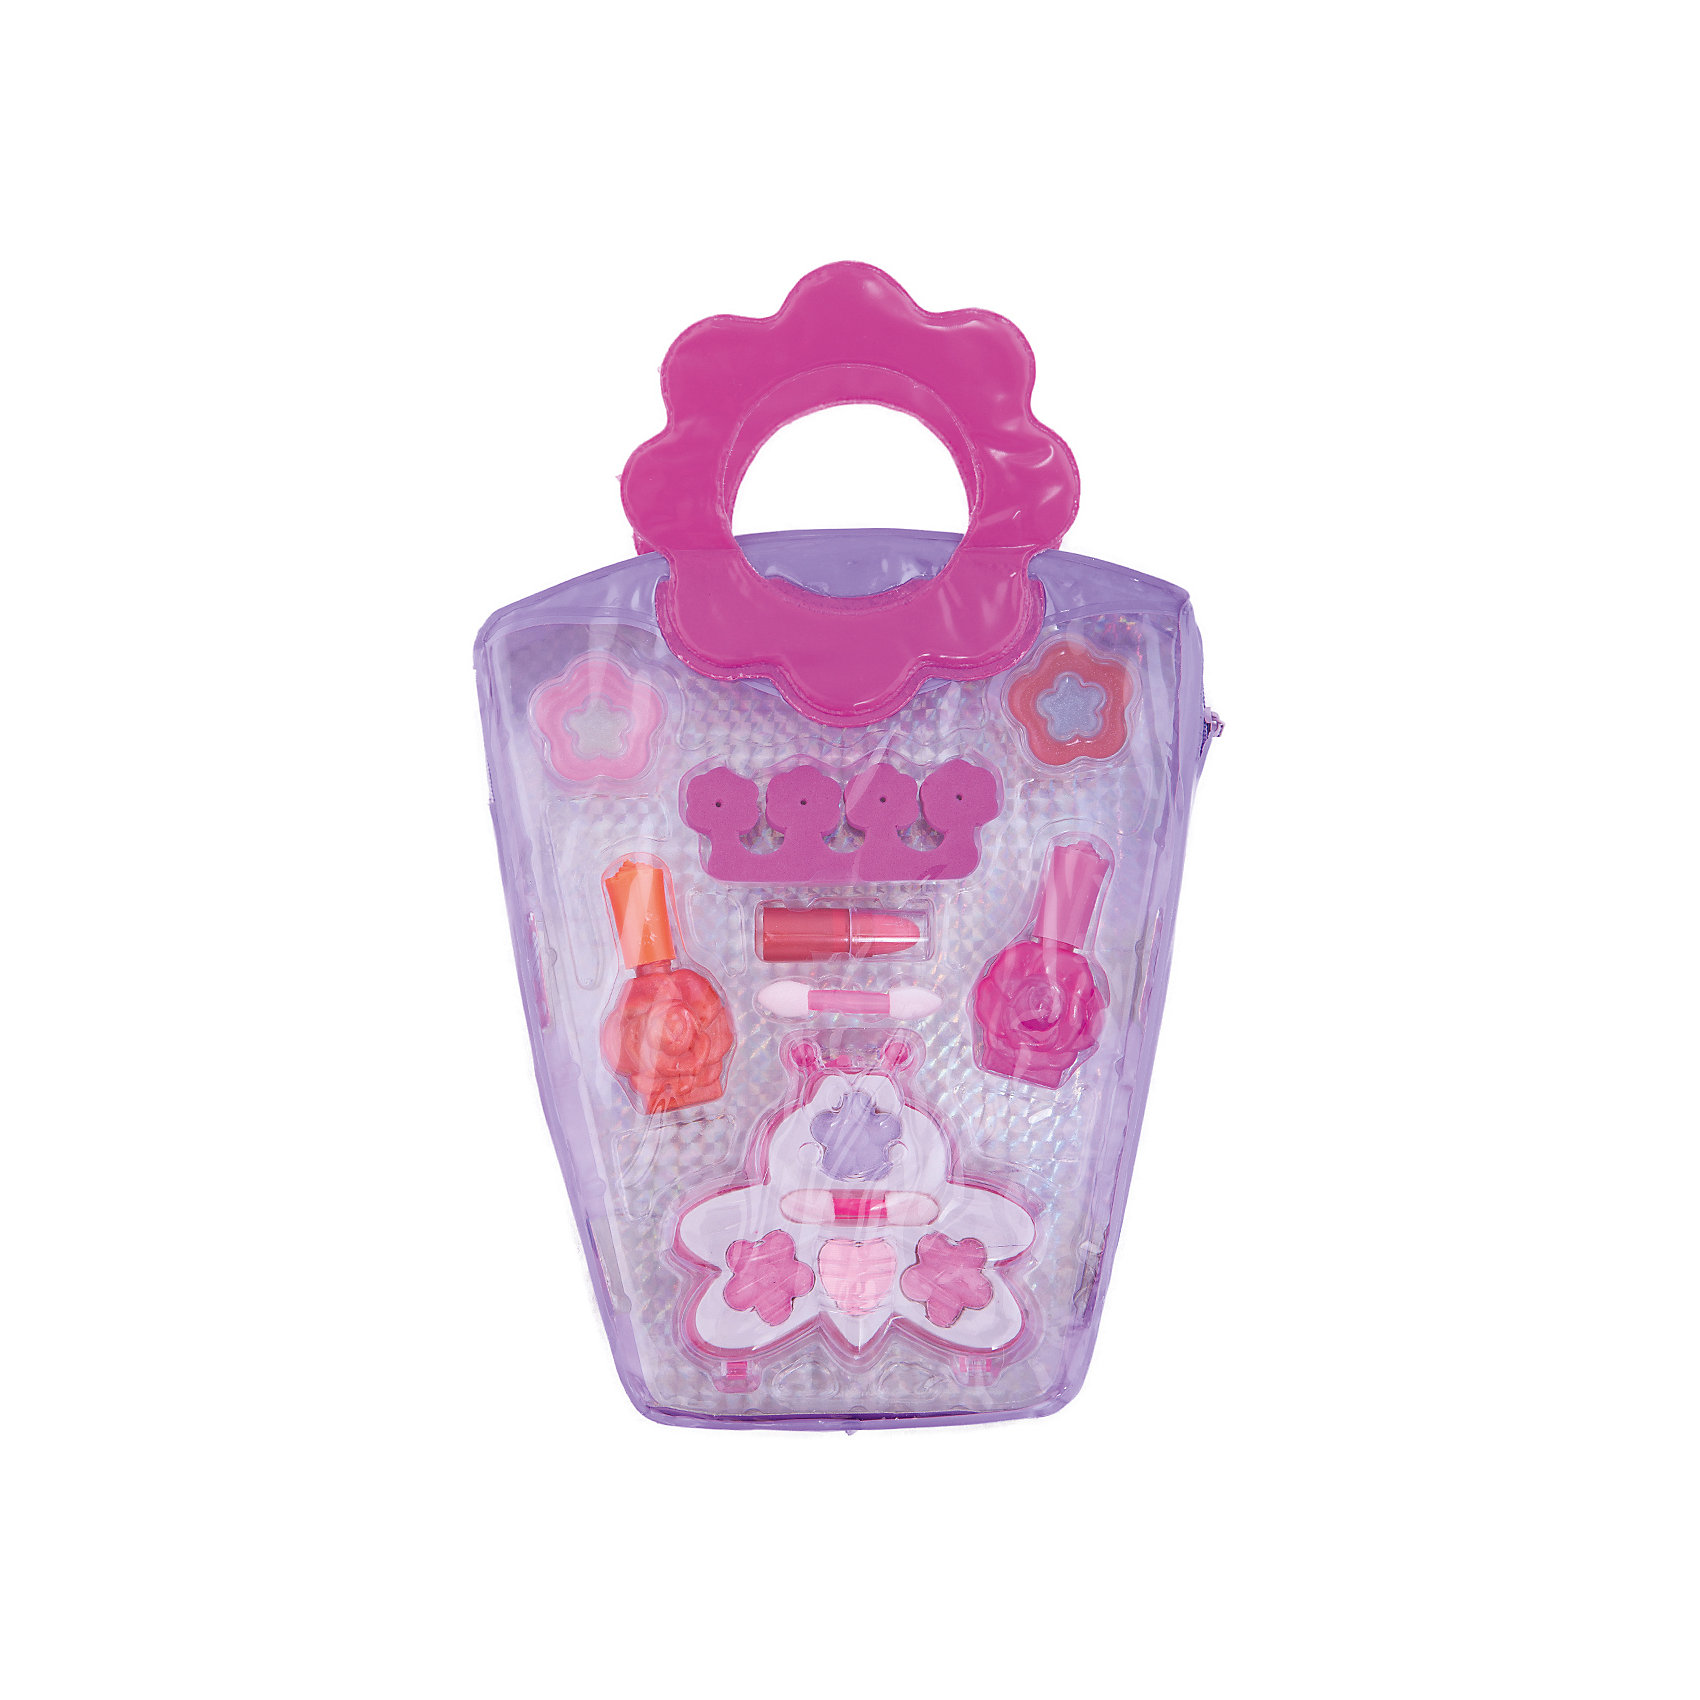 Детская декоративная косметика Сумочка-косметичка Eva Moda (тени для век)Косметика, грим и парфюмерия<br>Характеристики товара:<br><br>• материал: косметические ингредиенты, текстиль, пластик<br>• размер упаковки: 19x28х4 см<br>• упаковка: сумочка<br>• комплектация: тени для век (4 оттенка) с 2 аппликаторами, помада, 2 лака для ногтей, блеск для губ (4 оттенка), разделитель для пальцев<br>• декоративная косметика<br>• возраст: от пяти лет<br>• страна бренда: Бельгия<br>• страна производства: Китай<br><br>Научить девочку пользоватться косметикой и весело провести время поможет этот комплект! Набор состоит из блеска для губ, помады, аппликаторов и т.д., с их помощью можно сделать различные варианты макияжа. <br>Косметика качественно выполнена, сделана из безопасного для детей сырья. Подобное занятие помогает привить детям вкус, лучше развить мелкую моторику, память, внимание, аккуратность и мышление. Детям полезно такое занятие - они развивают свои способности и начинают верить в свои силы! Отличный подарок для ребенка.<br><br>Детскую декоративную косметику Сумочка-косметичка Eva Moda (тени для век) Bondibon можно купить в нашем интернет-магазине.<br><br>Ширина мм: 190<br>Глубина мм: 40<br>Высота мм: 285<br>Вес г: 148<br>Возраст от месяцев: 60<br>Возраст до месяцев: 192<br>Пол: Женский<br>Возраст: Детский<br>SKU: 5273314